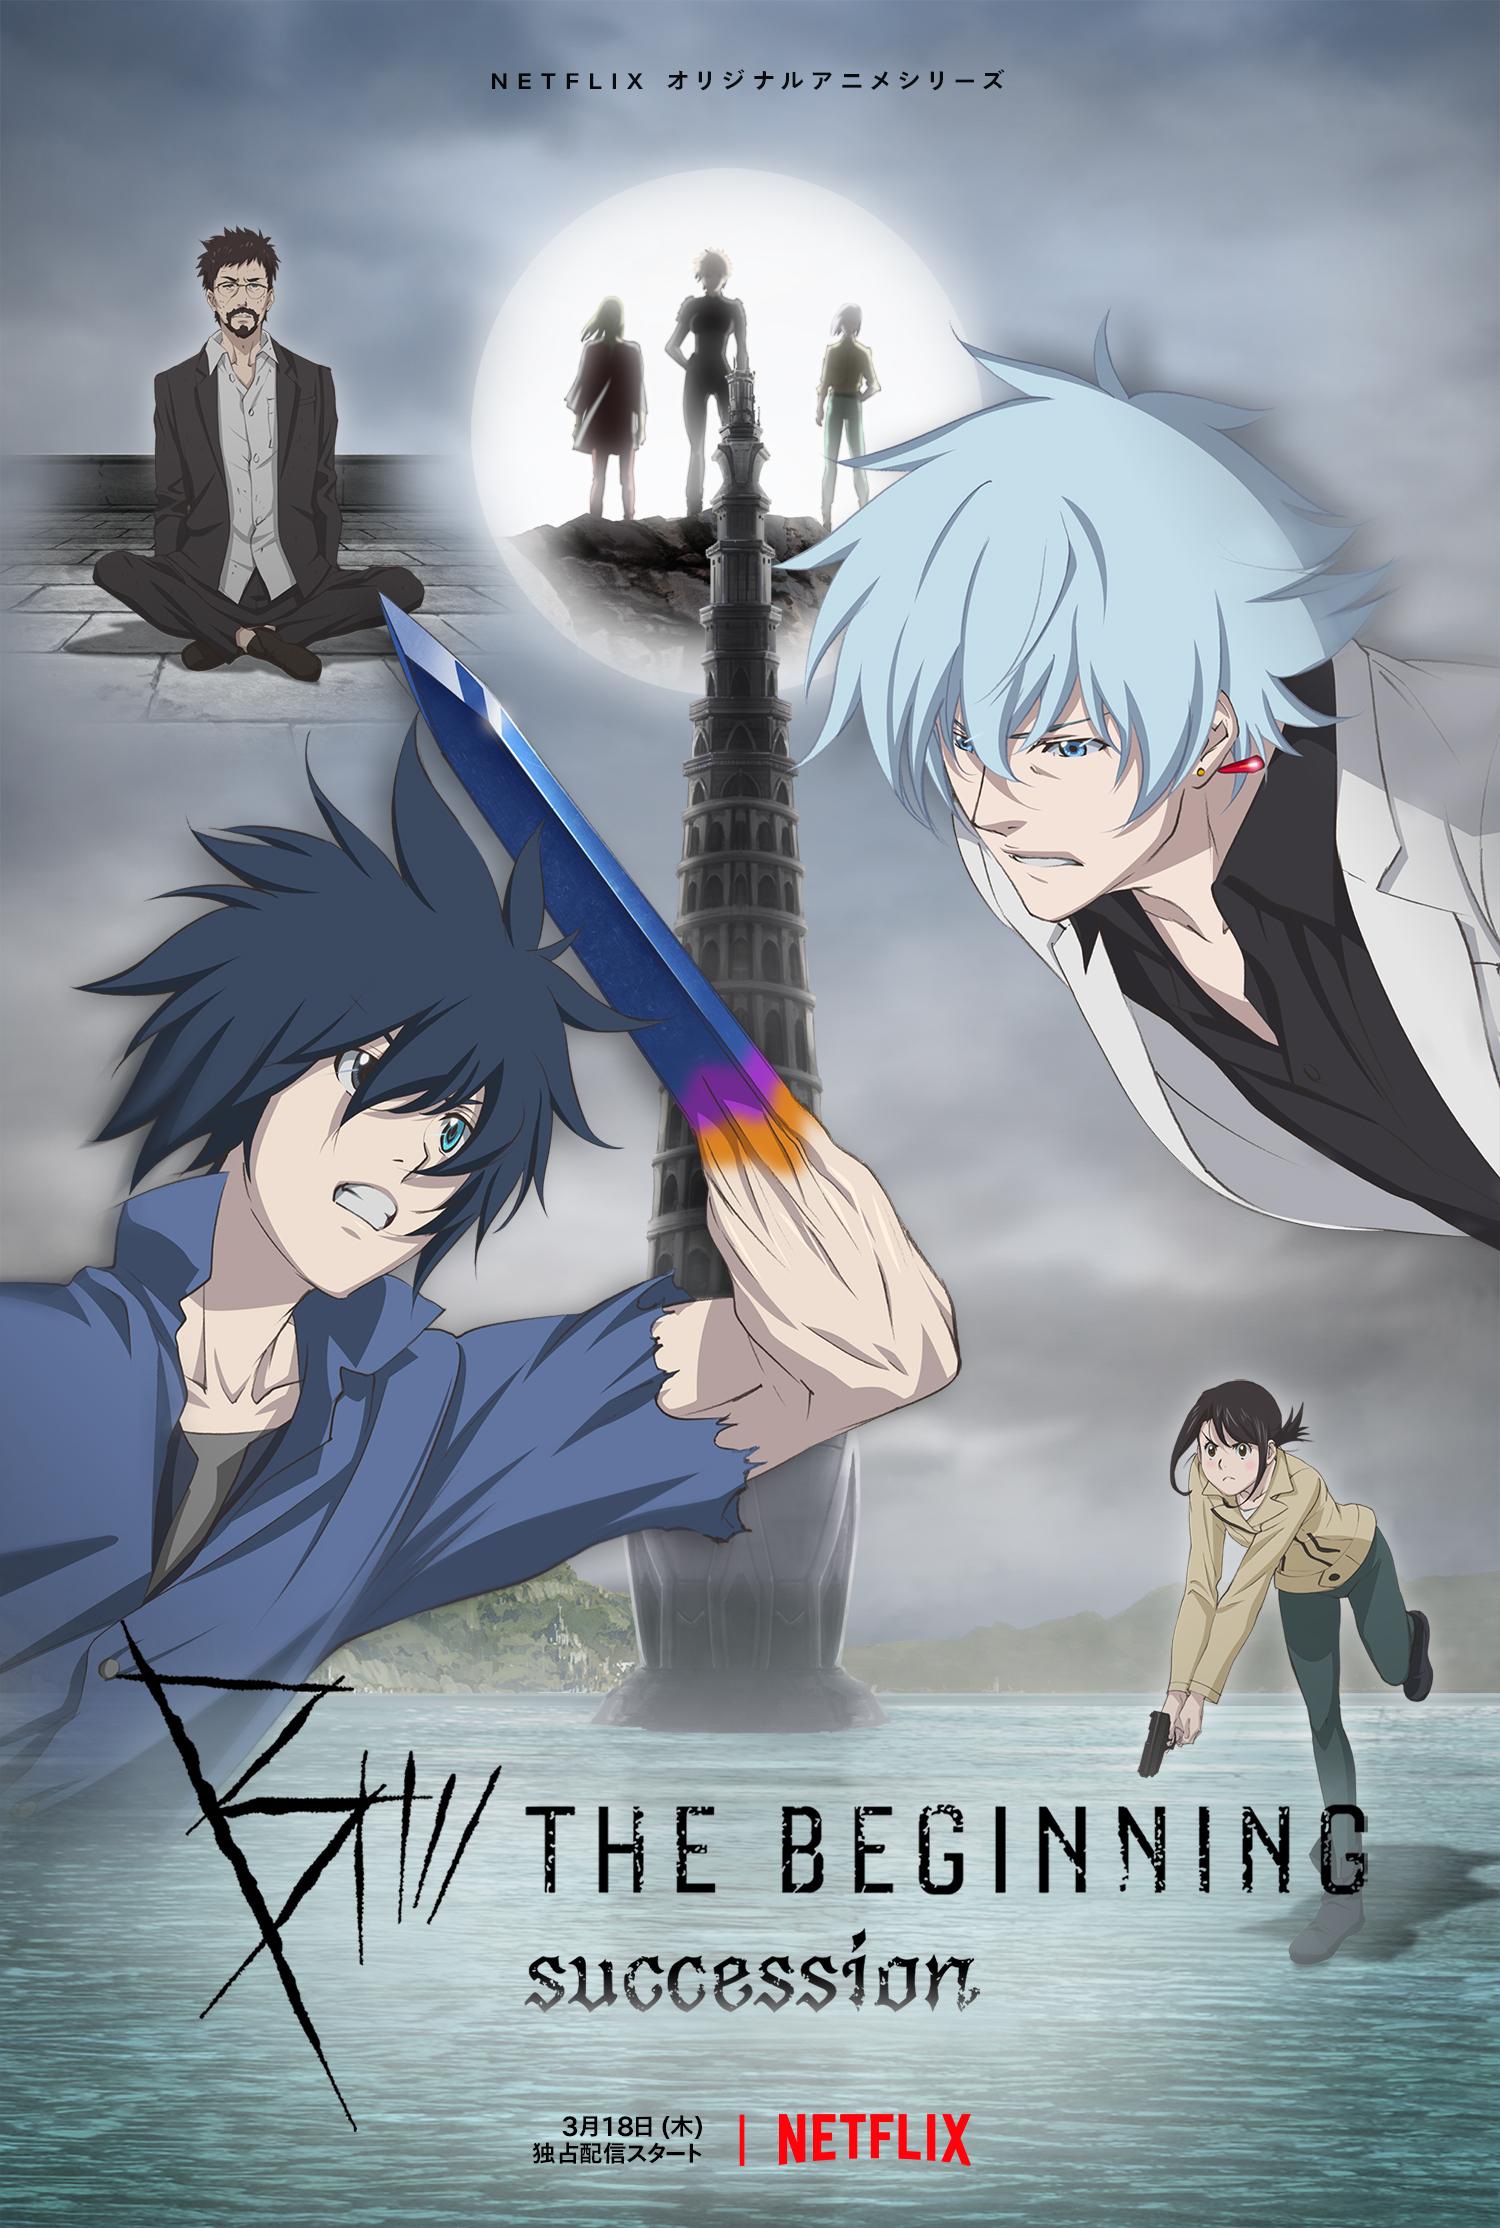 アニメ「B: The Beginning Succession」 予告映像&キーアート解禁!世界的な人気を呼んだクライムサスペンス待望の第2期